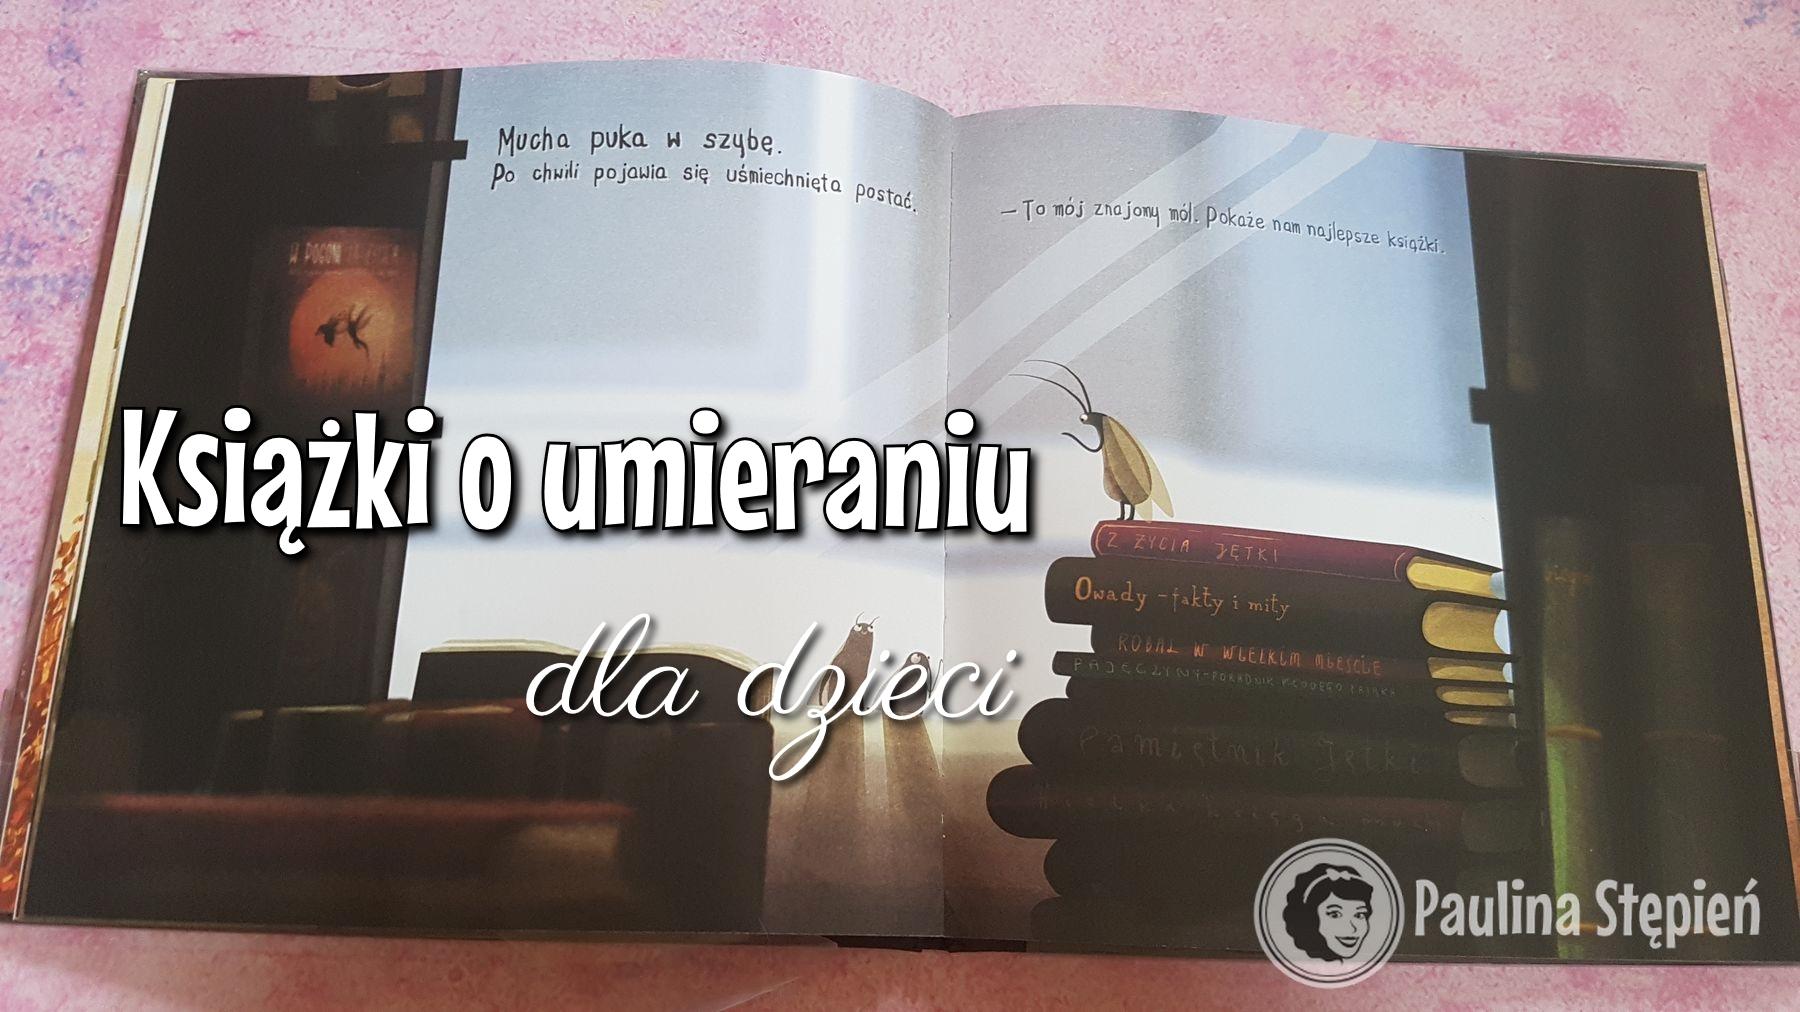 Książki o umieraniu